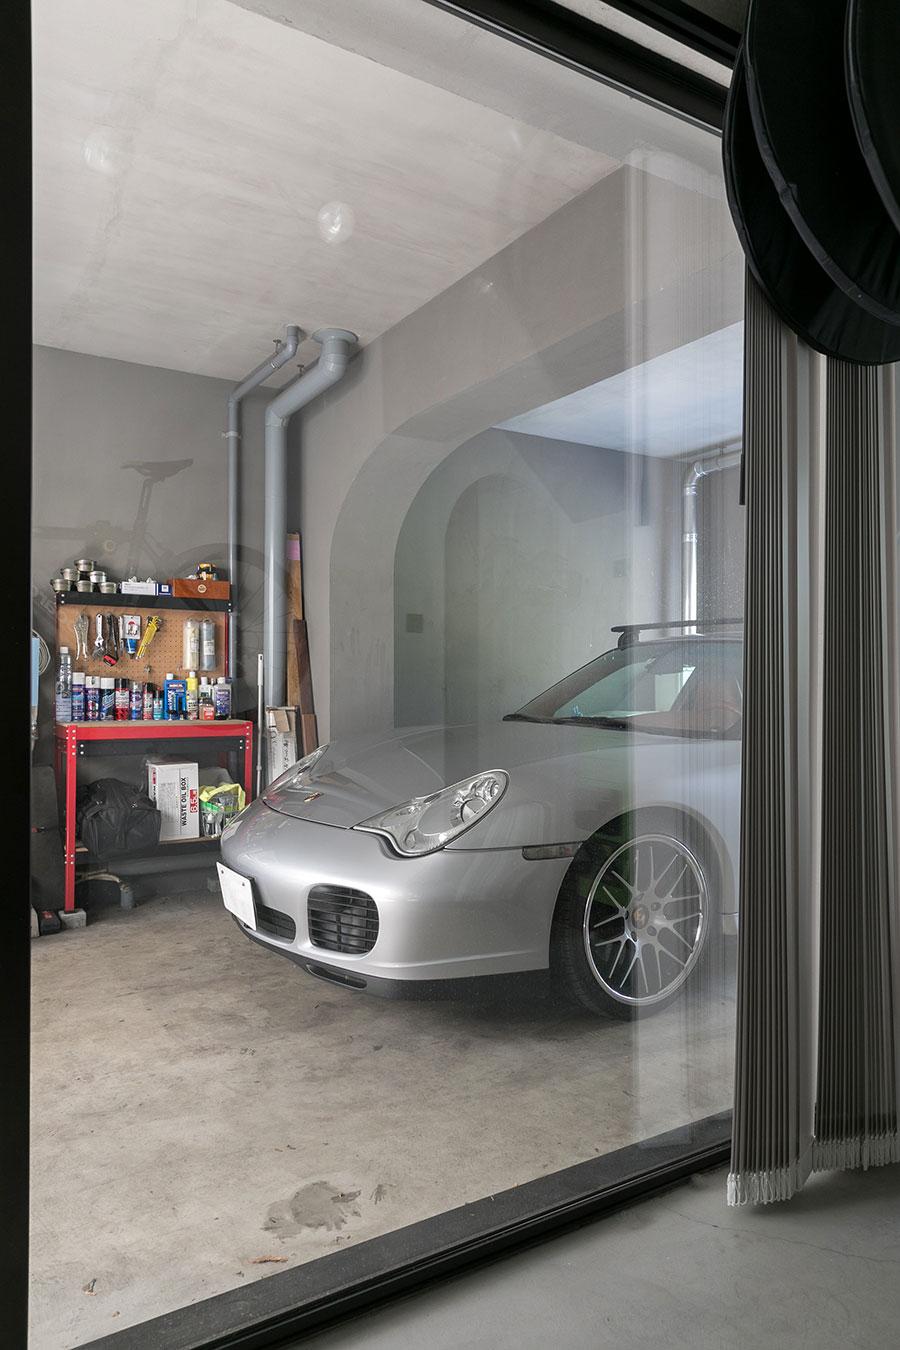 自転車を触りながら横を見ると愛車が見える。集合住宅ではレアな、一軒家感覚の贅沢なガレージ。